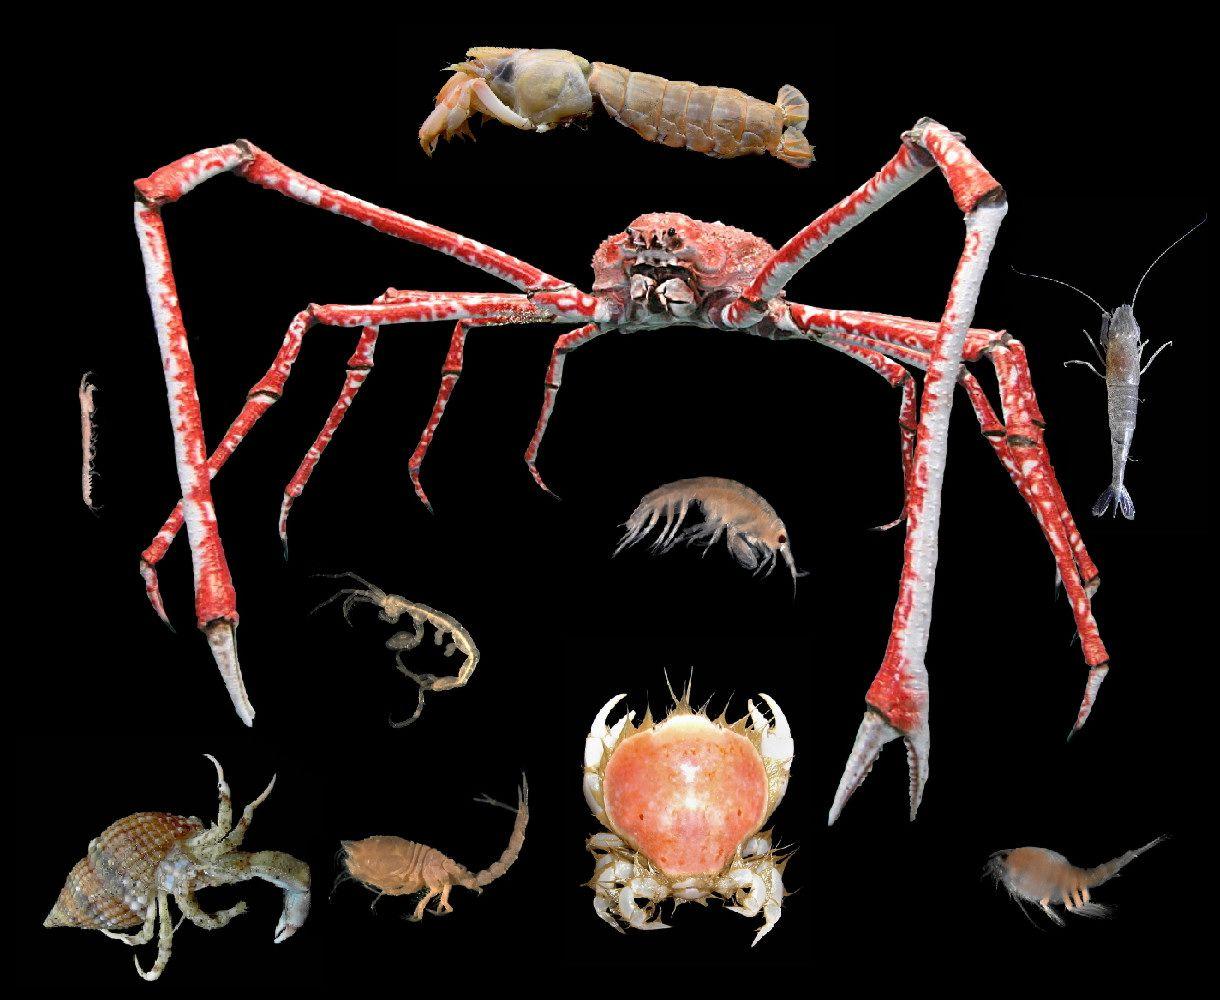 Crustacea.jpg (1220×1000)